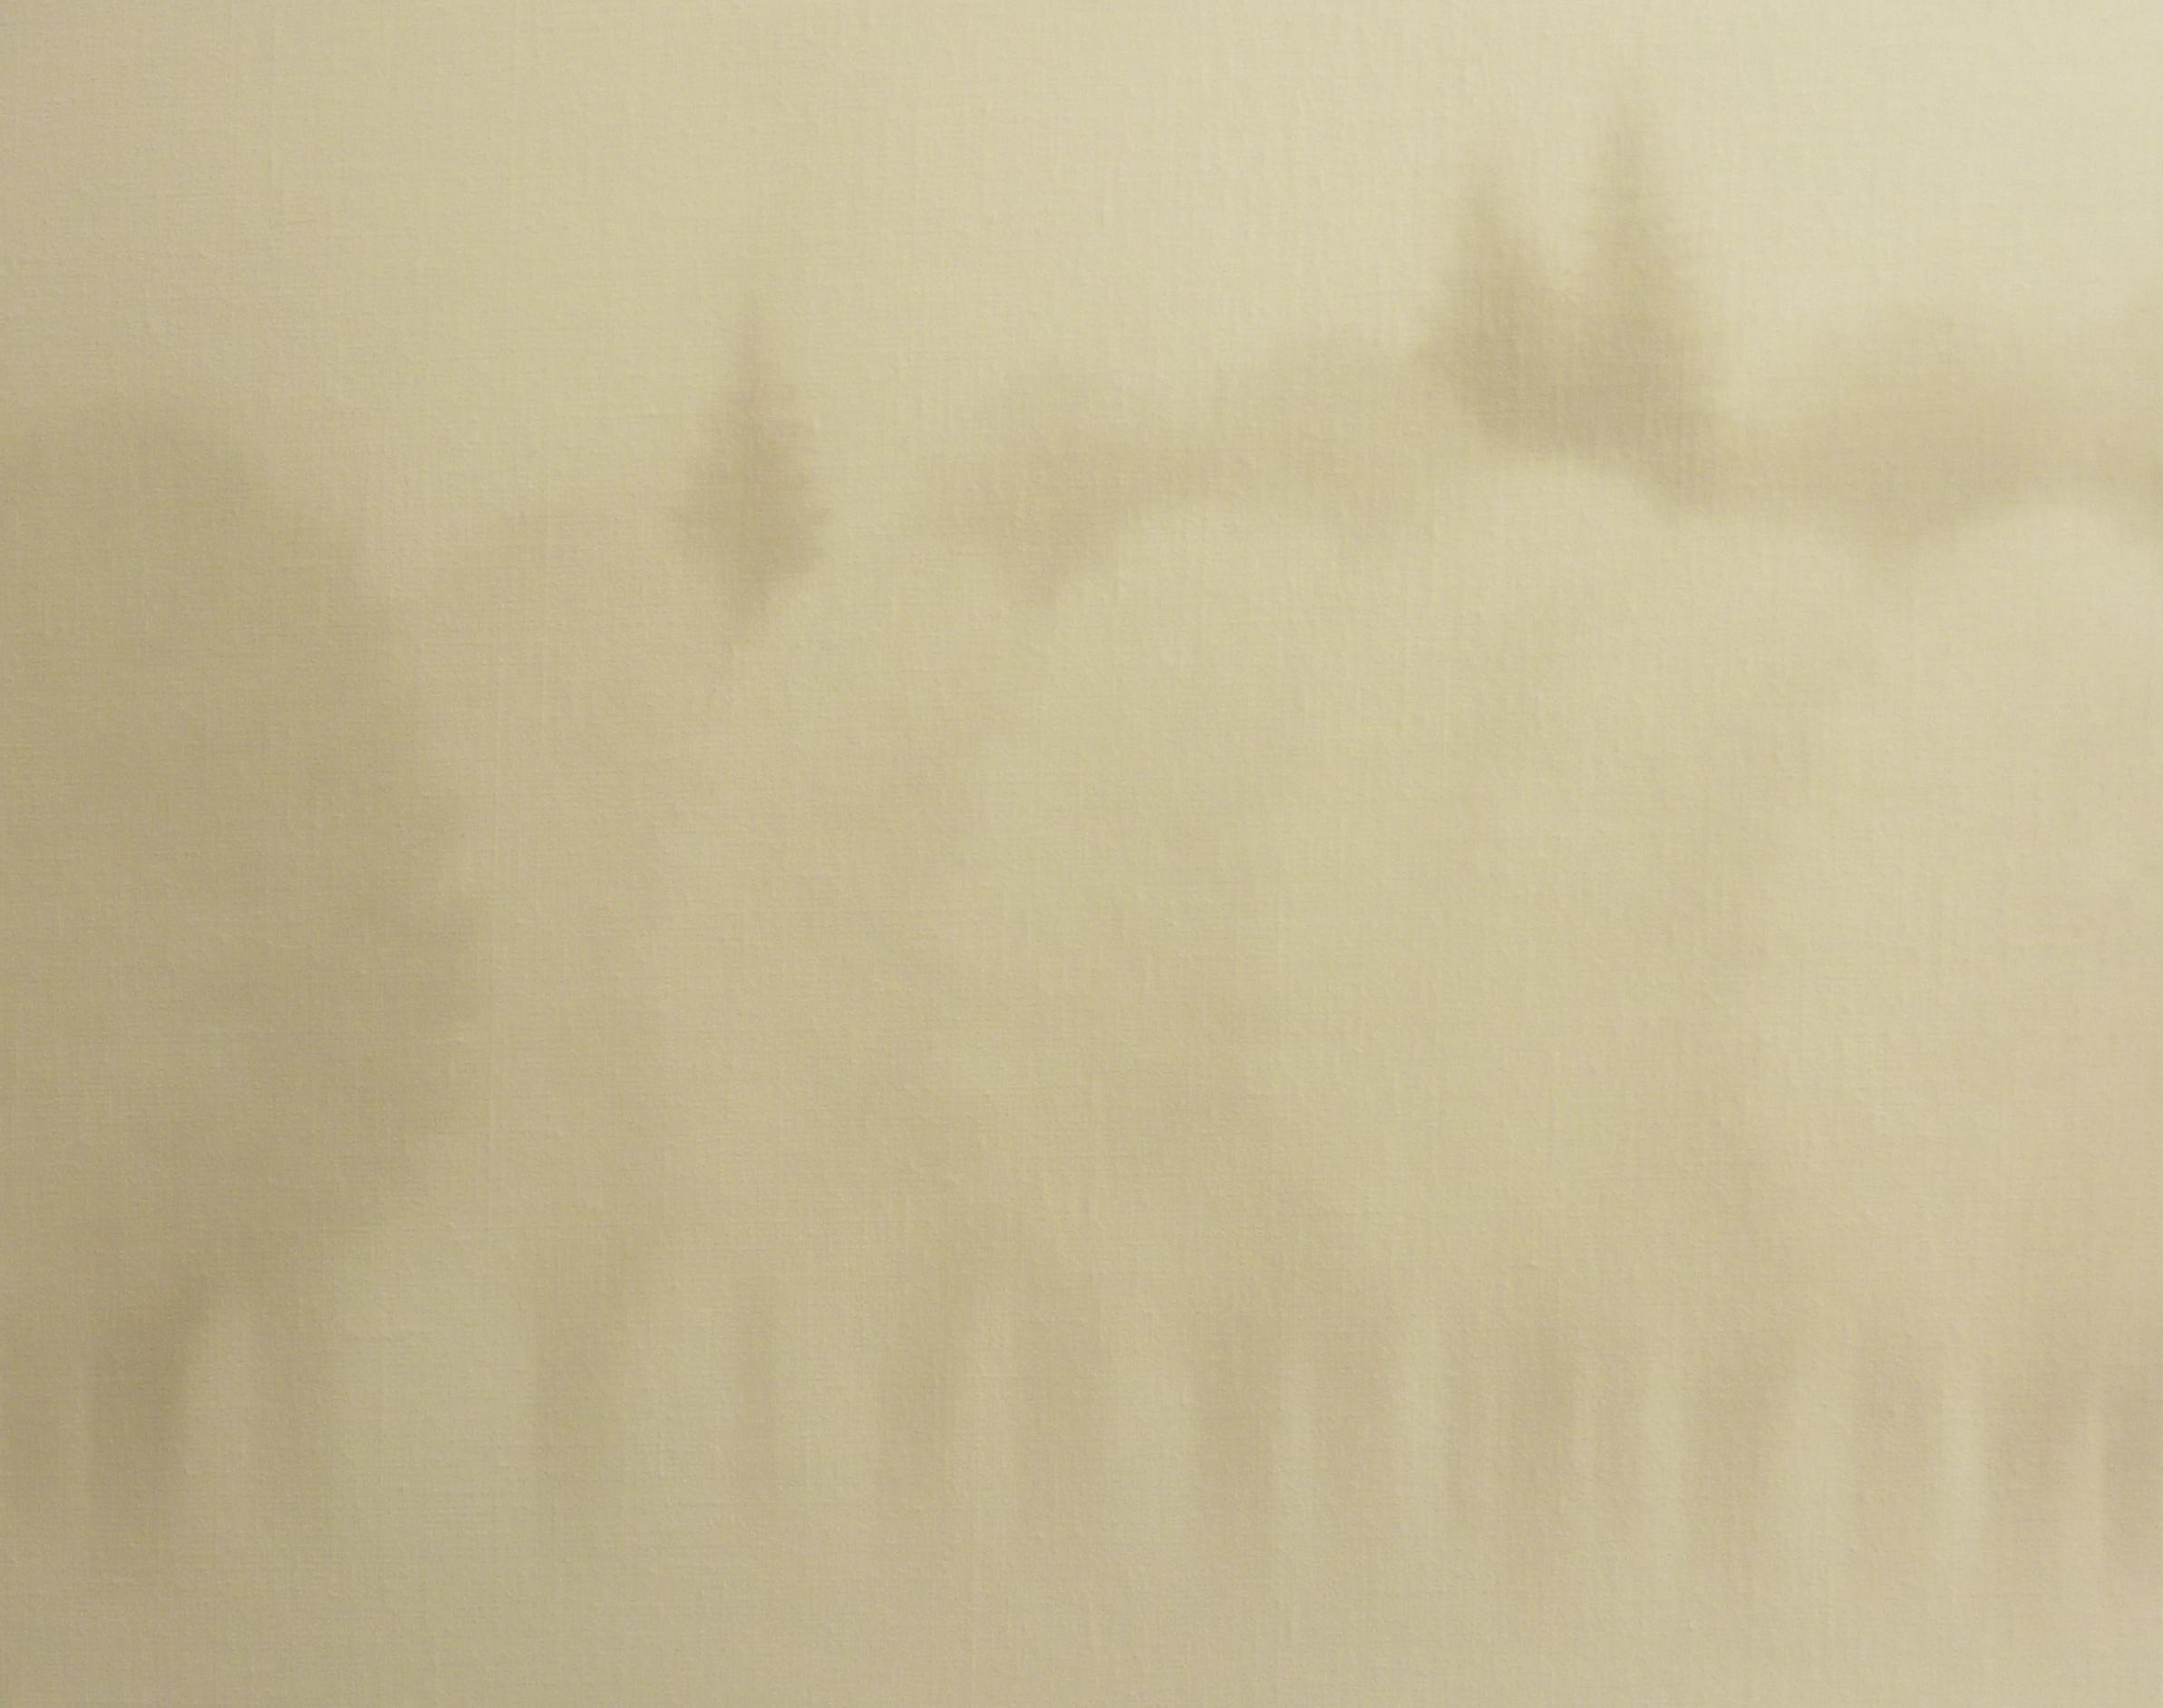 LW087 Frozen Shadows Óleo sobre lienzo 33 x 41 cm. 2016